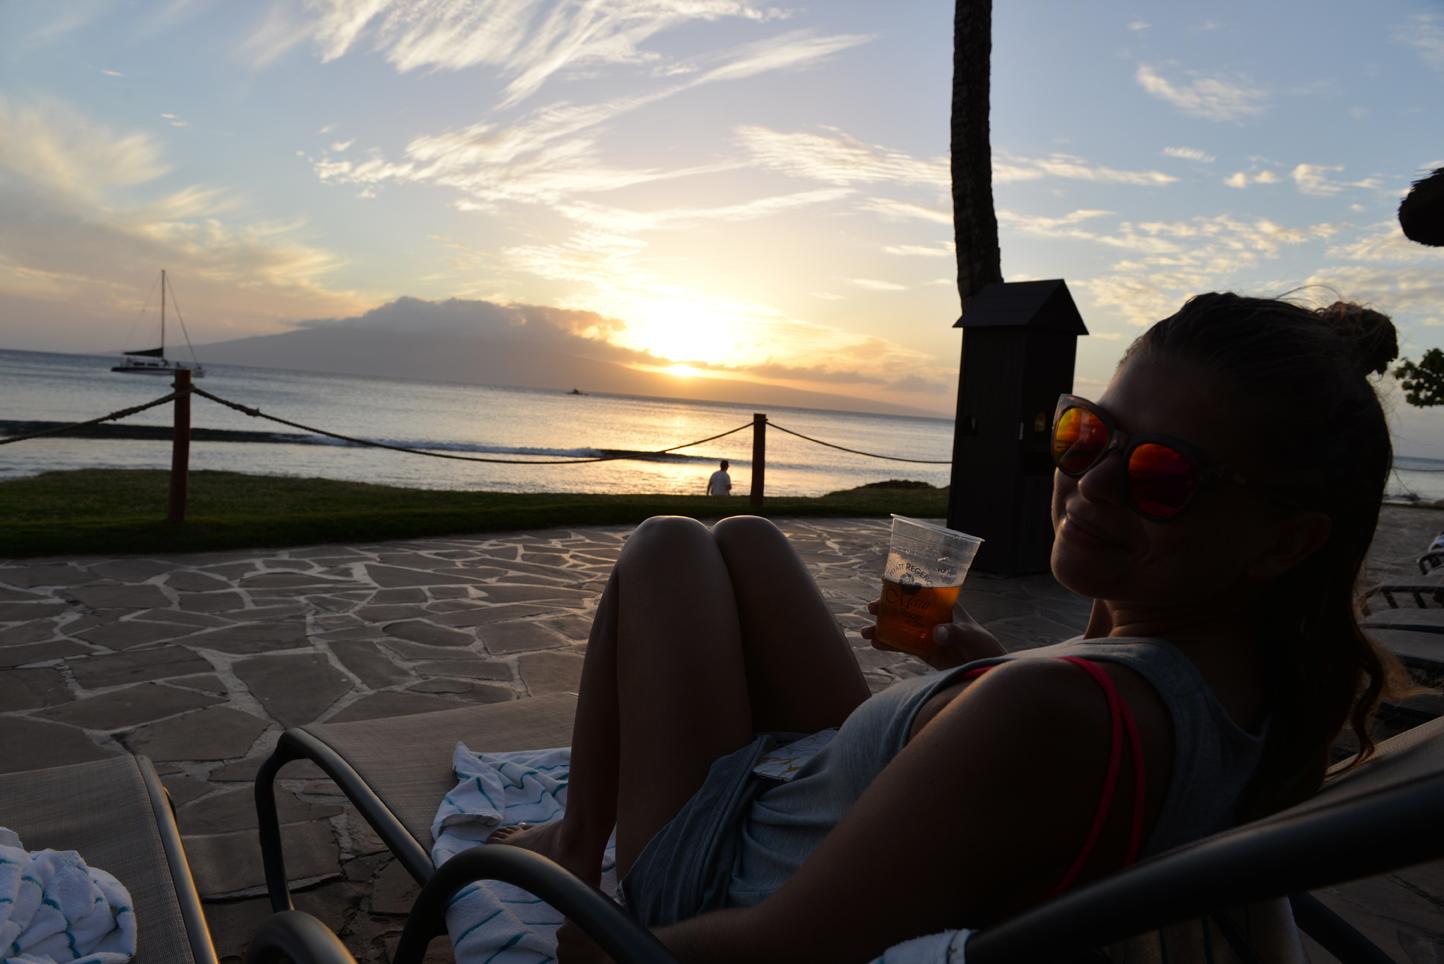 hyatt-regency-maui-resort-and-spa_beach